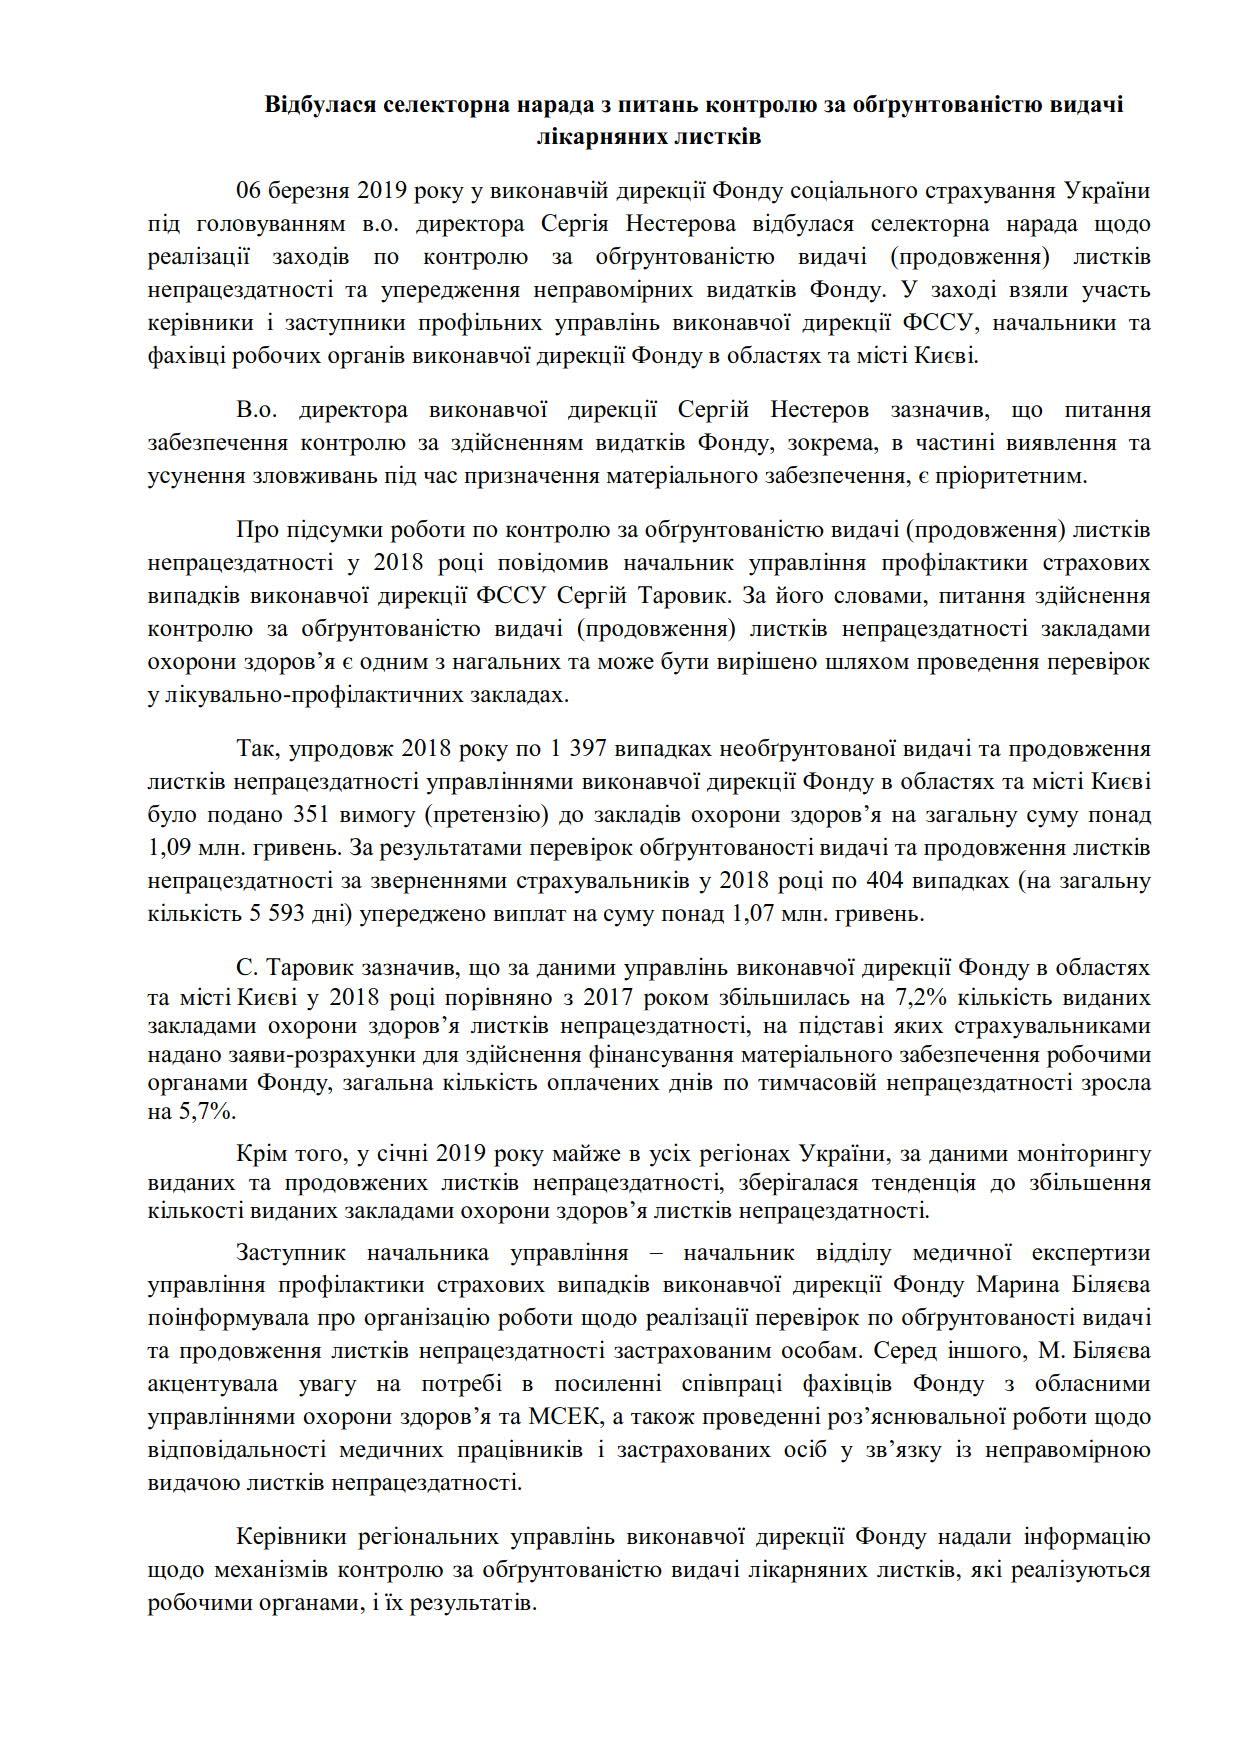 Селекторна нарада з контролю за лікарняними_06.03.19_1